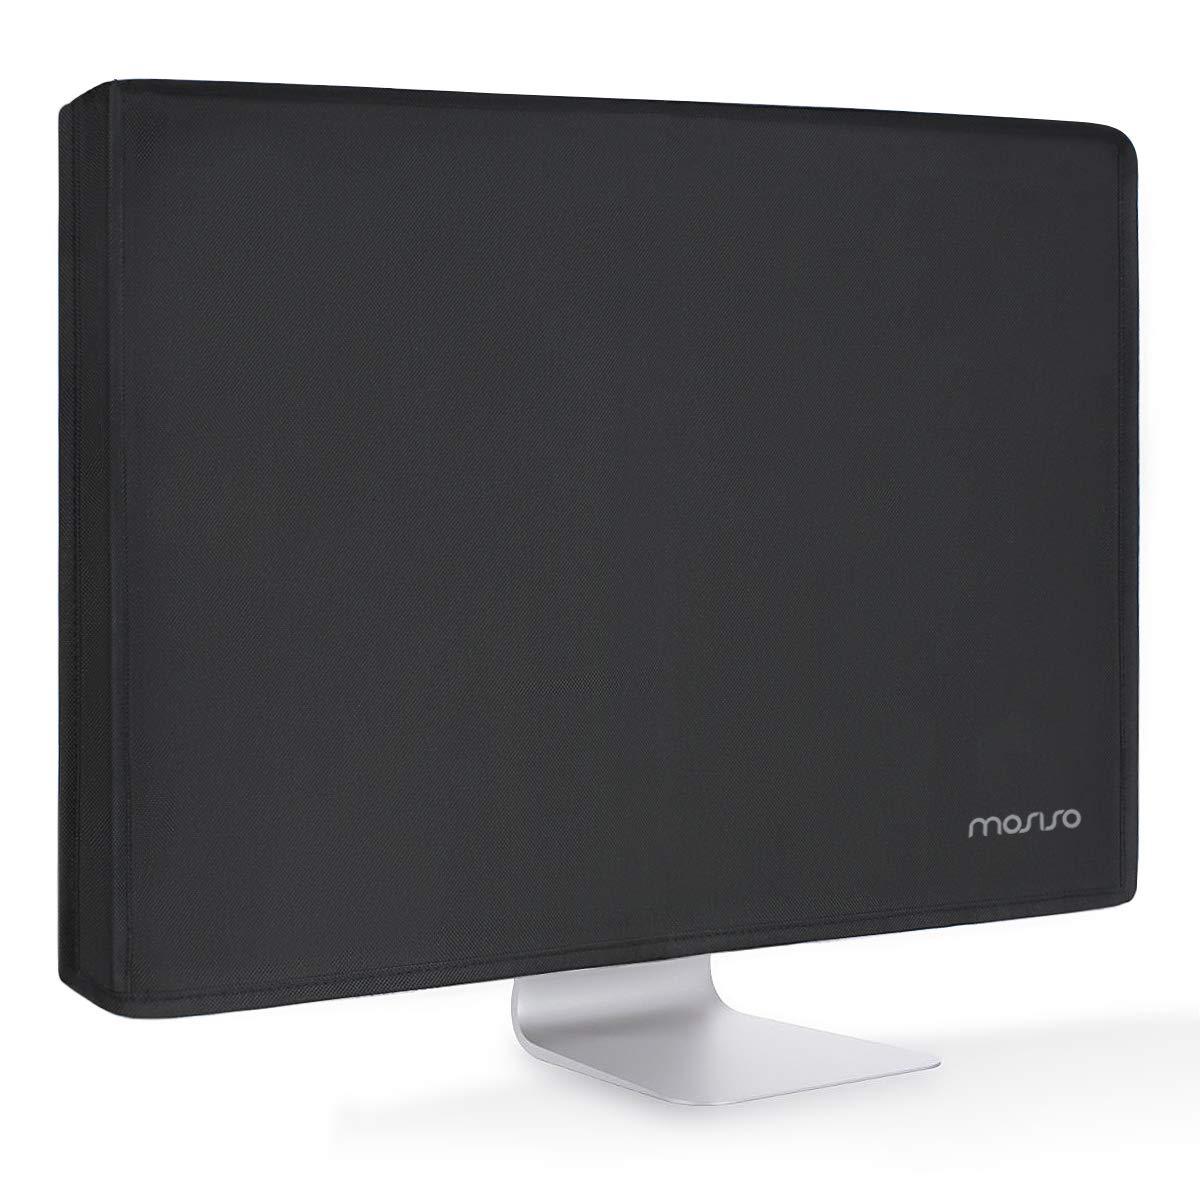 MOSISO Monitor Polvo Funda 22, 23, 24, 25 Pulgadas Panel de LCD/LED/HD Antiestático Pantalla de Protectora Compatible con 22-25 Pulgadas iMac,PC,Computadora de Escritorio y TV, Negro: Amazon.es: Electrónica